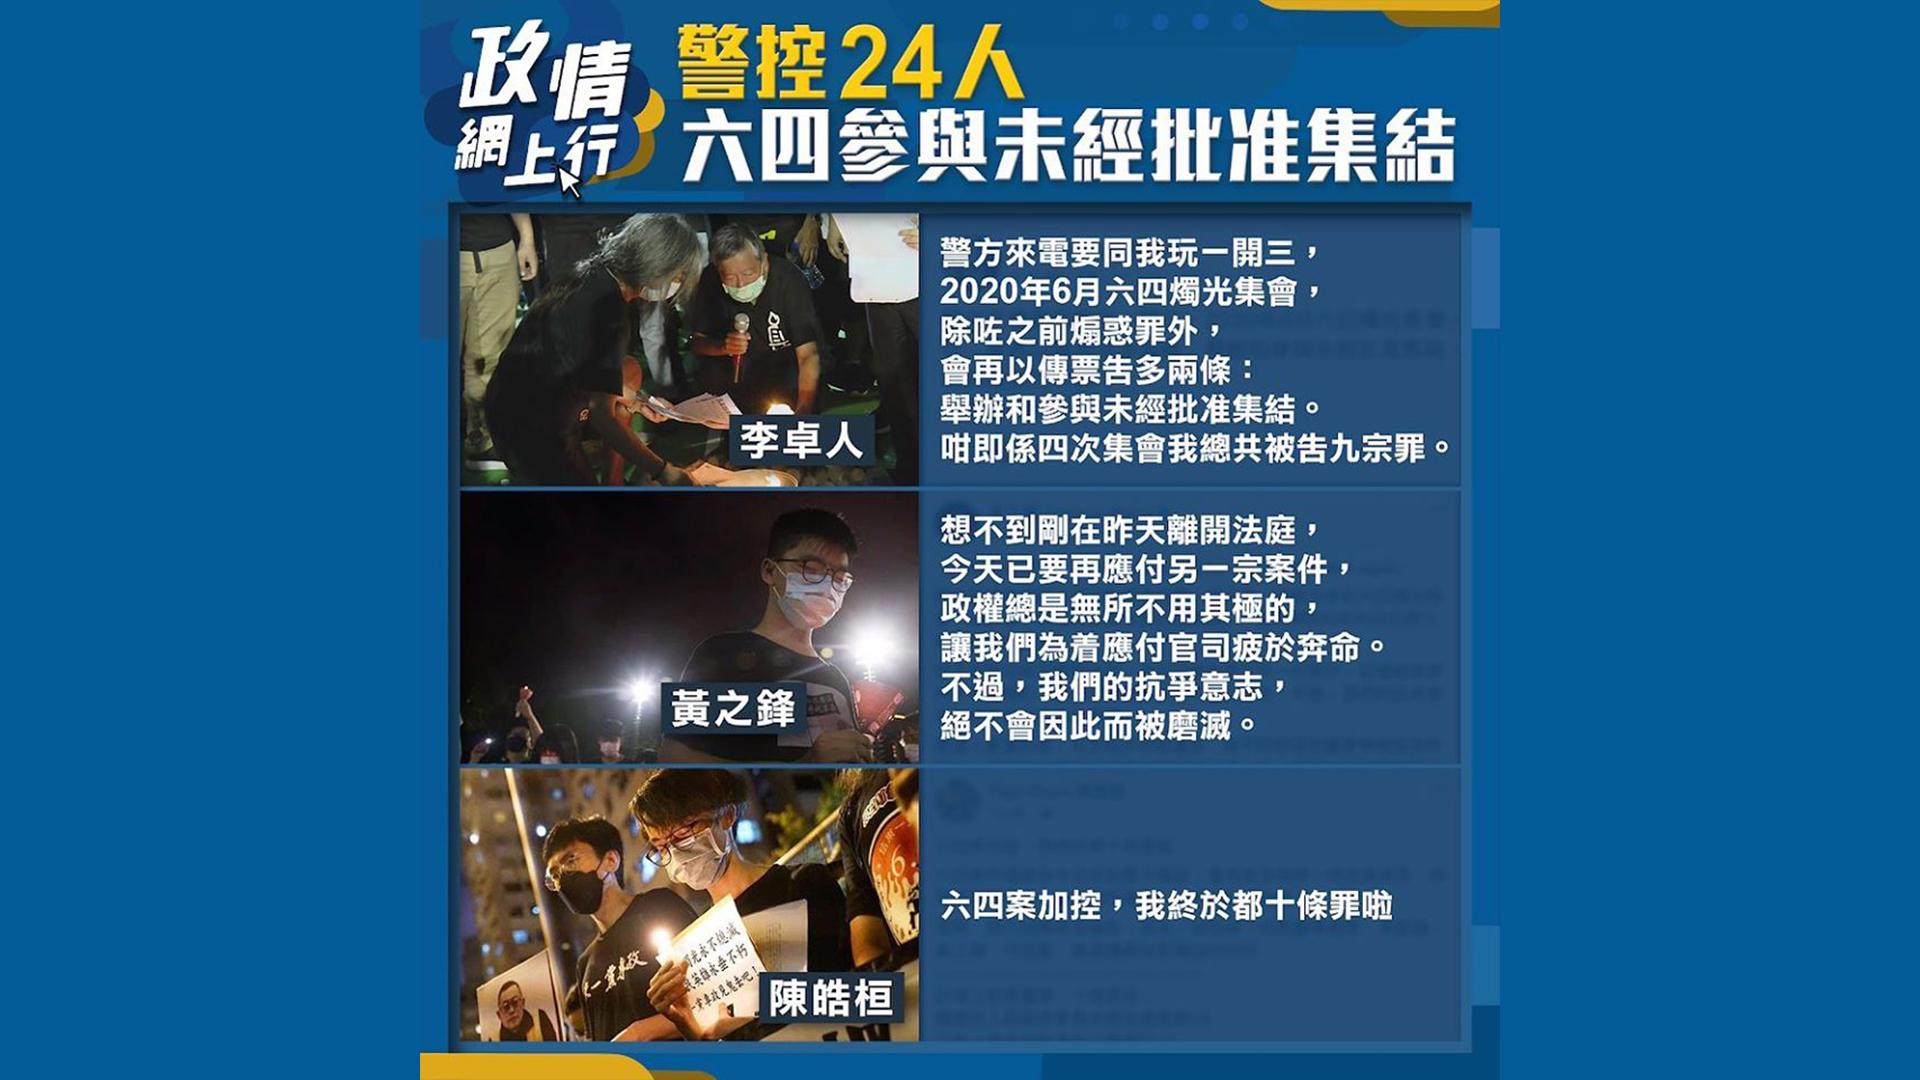 【政情網上行】警控24人 六四參與未經批准集結